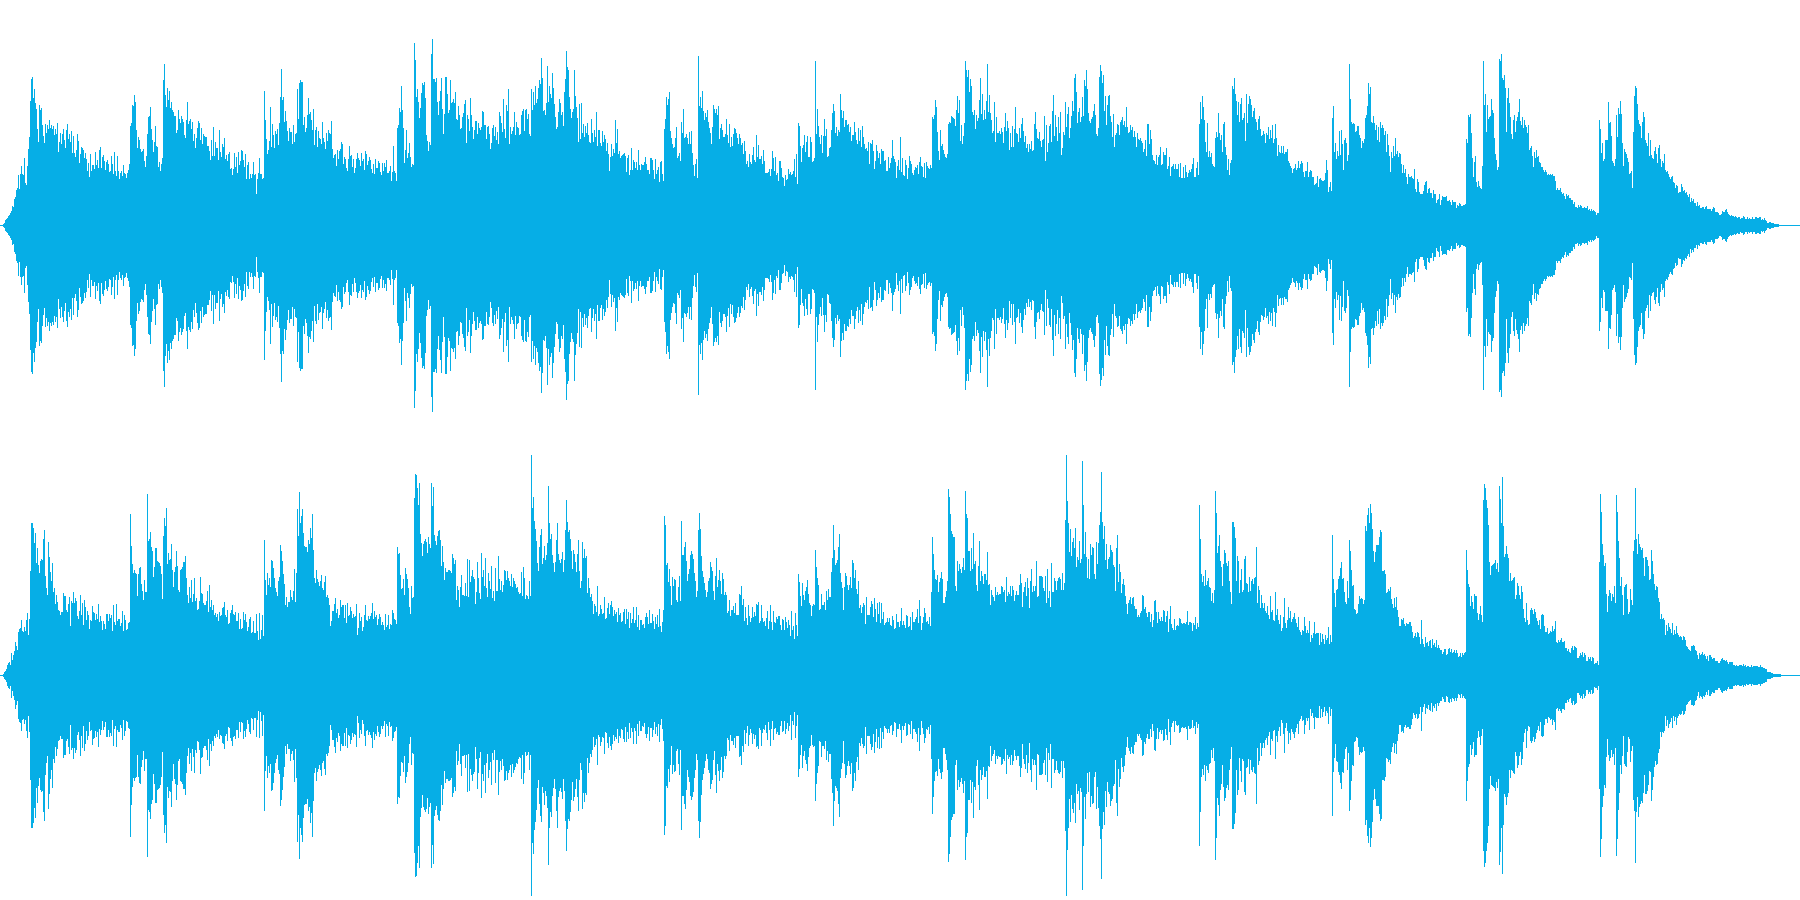 ピアノを使ったアンビエントの再生済みの波形